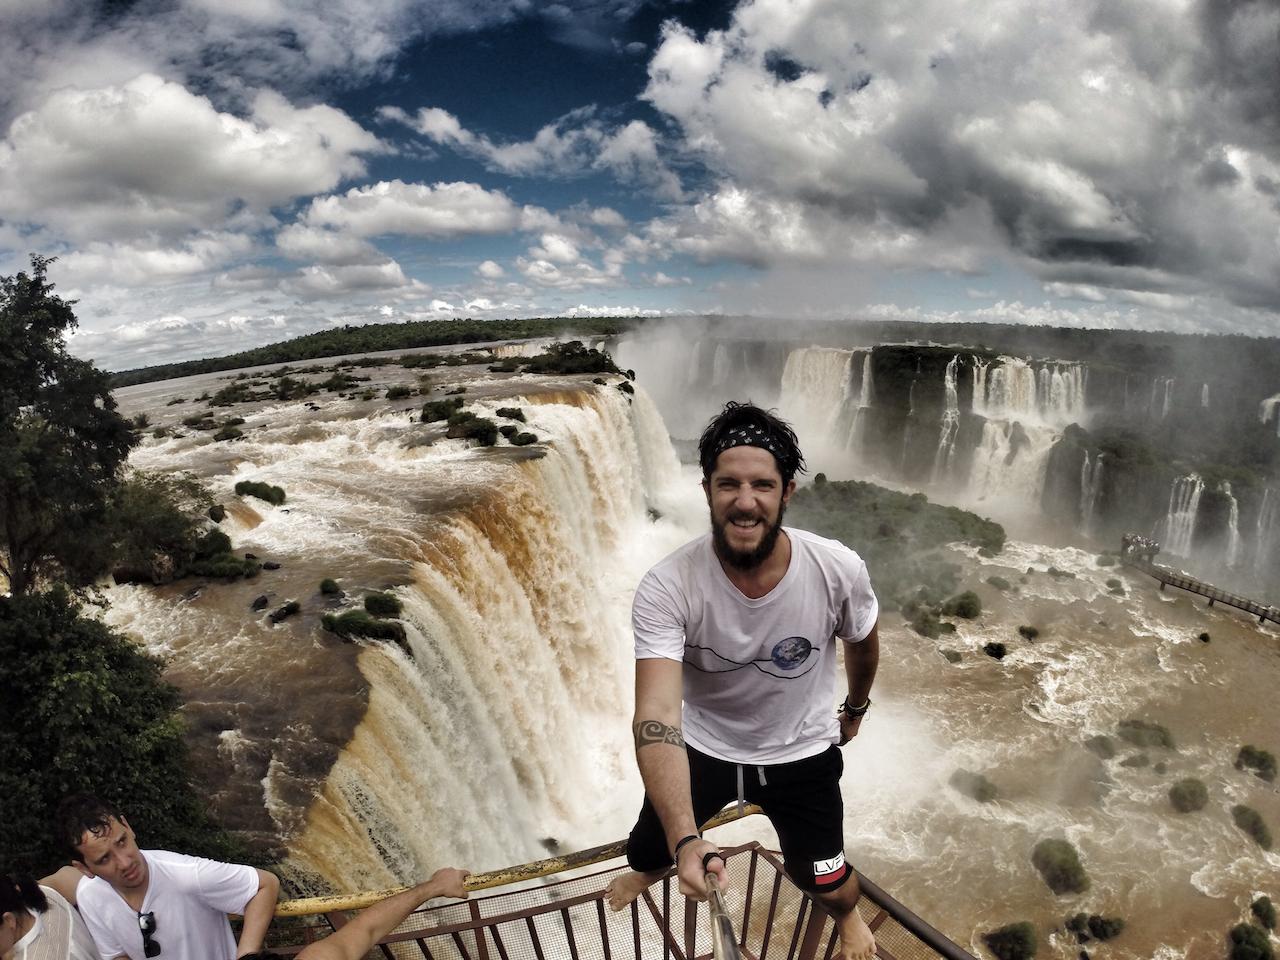 selfie-fozdeiguasu-brasil